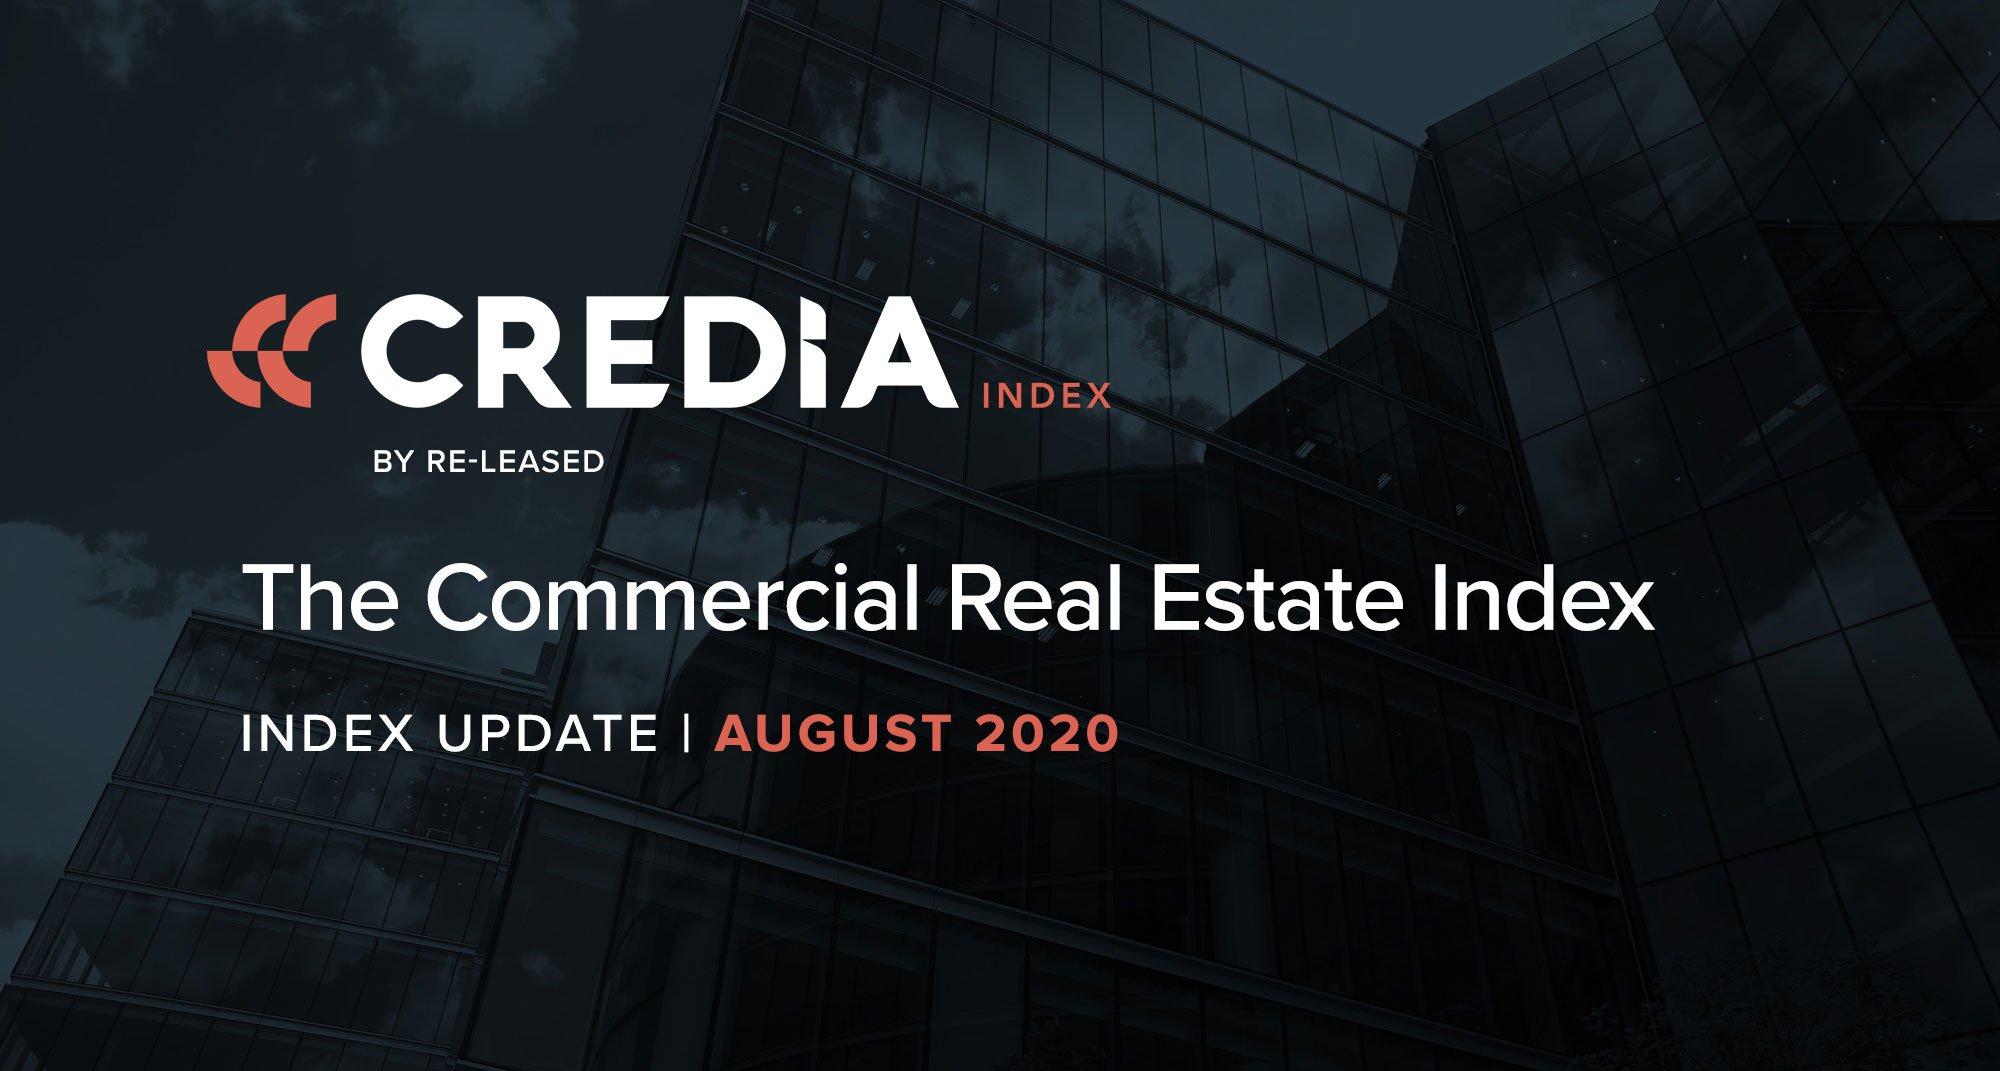 credia-Aug-index-update